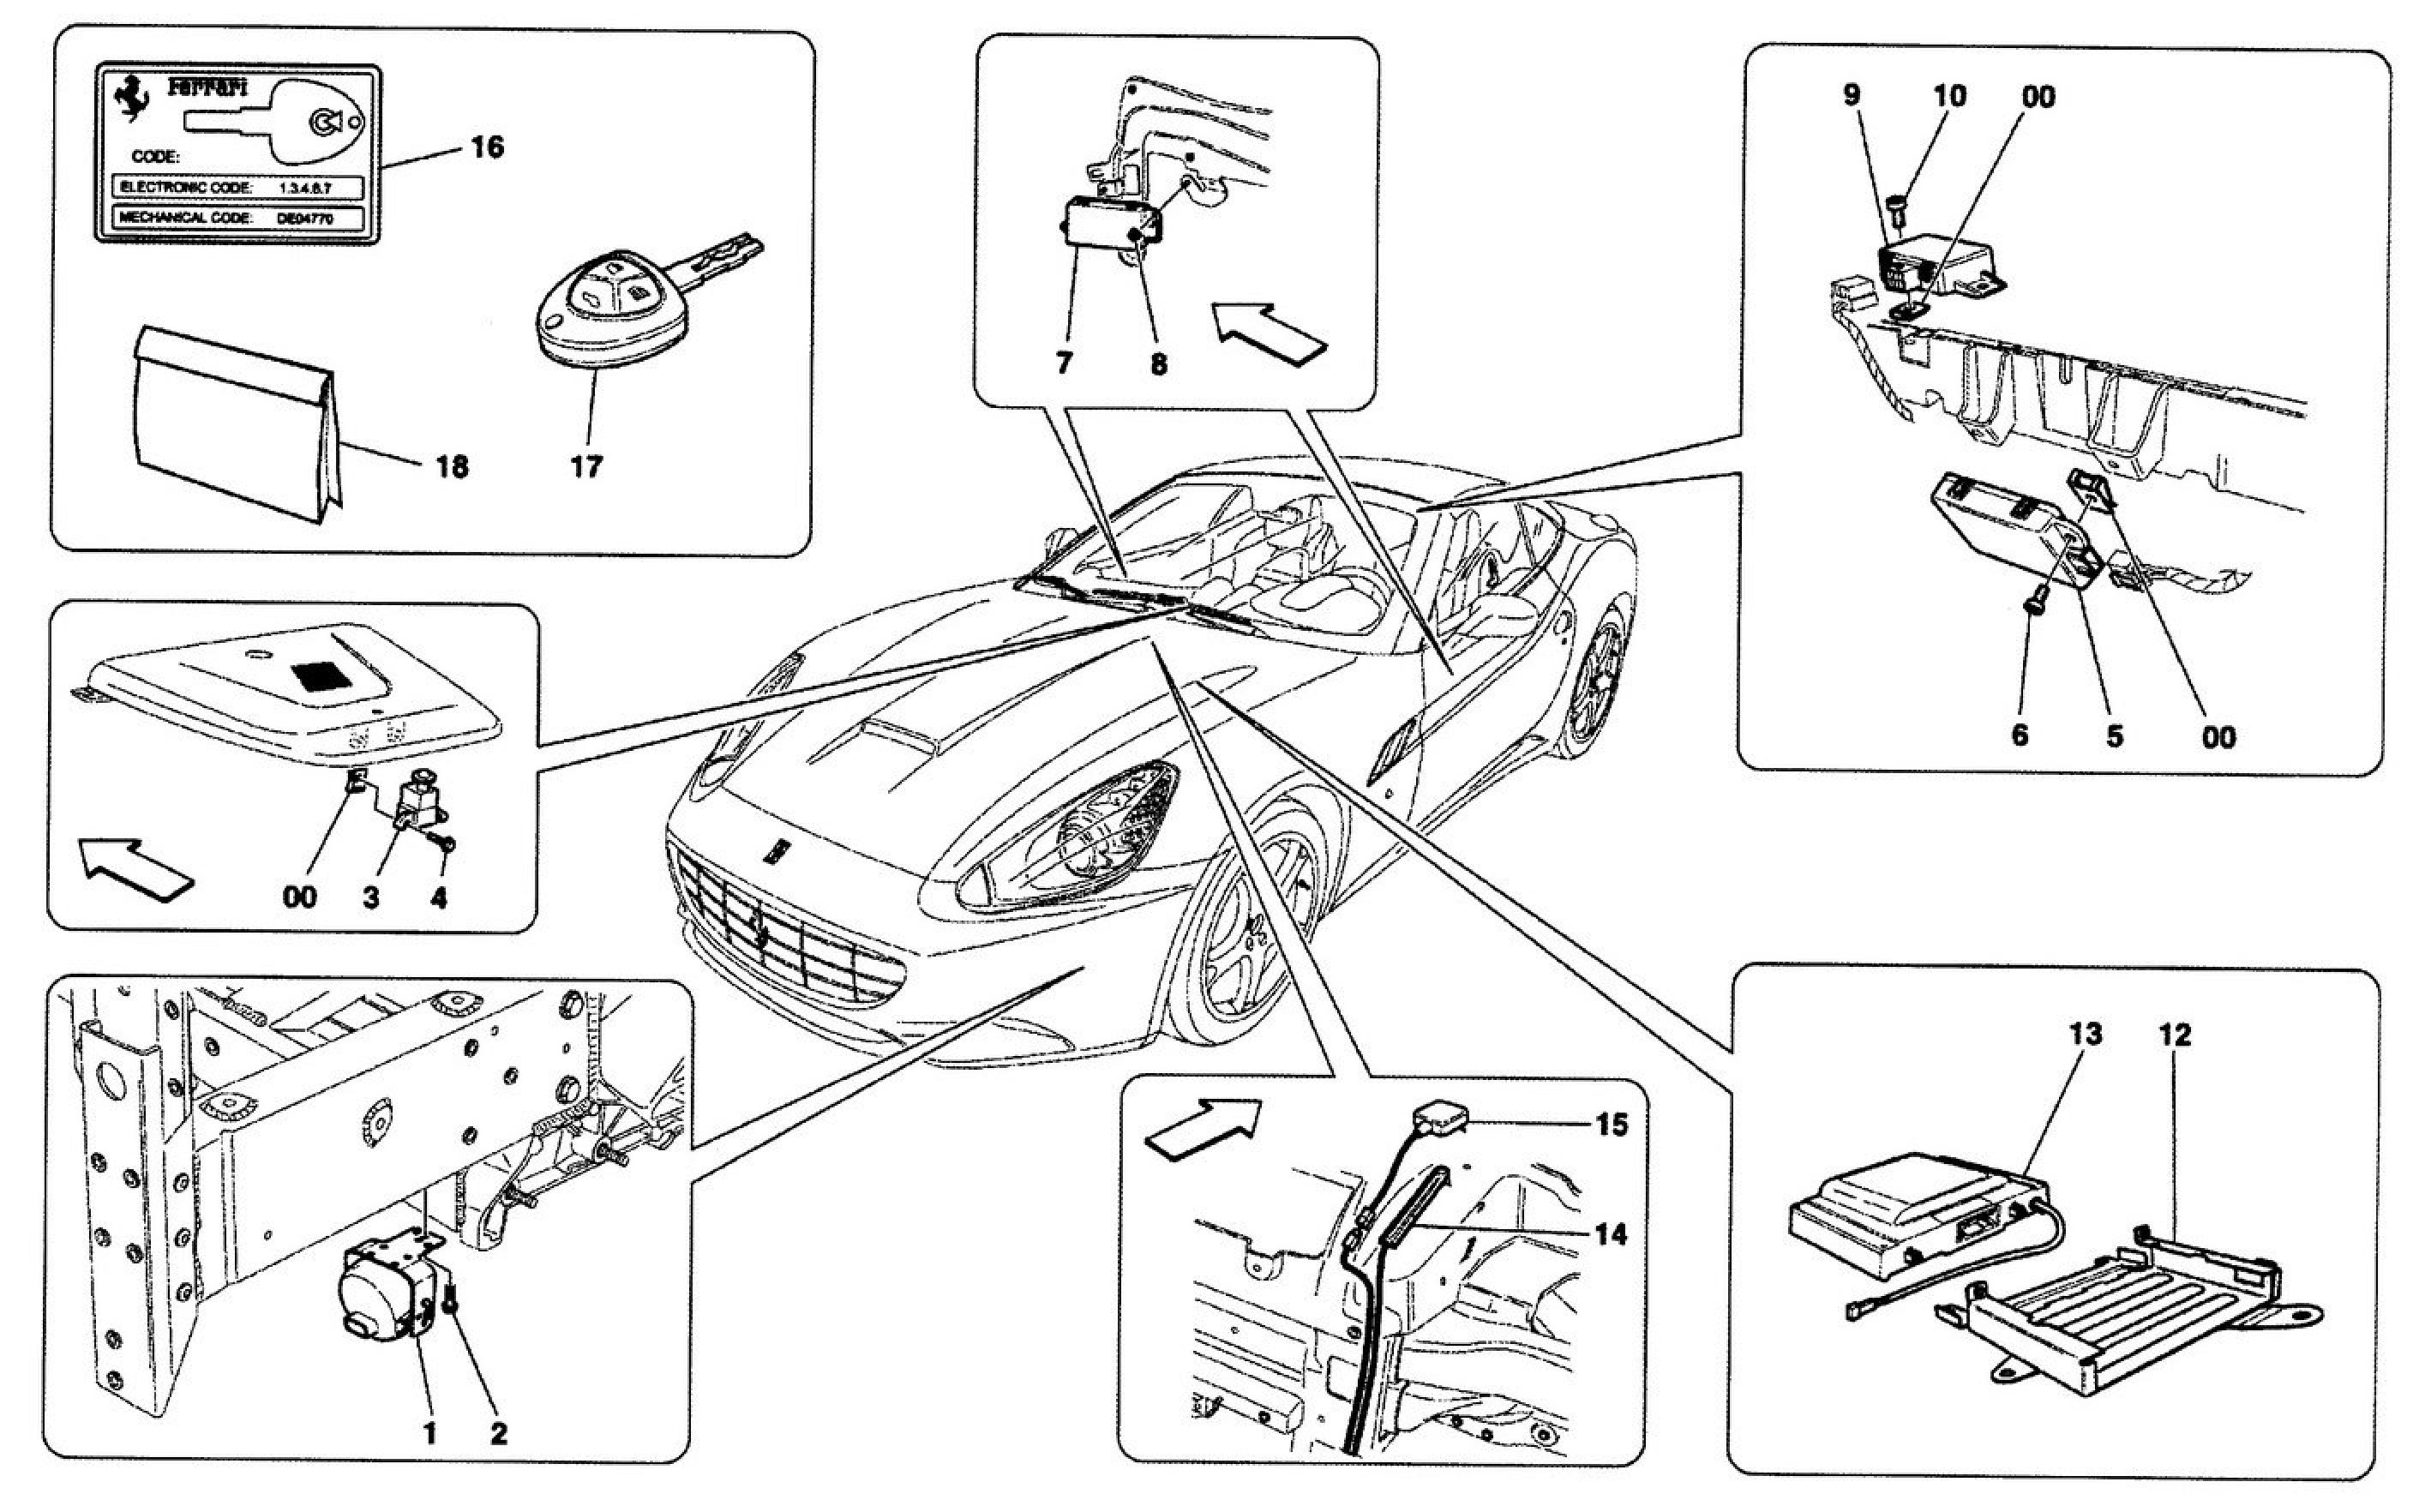 Ferrari California (09) ALARM AND IMMOBILIZER SYSTEM